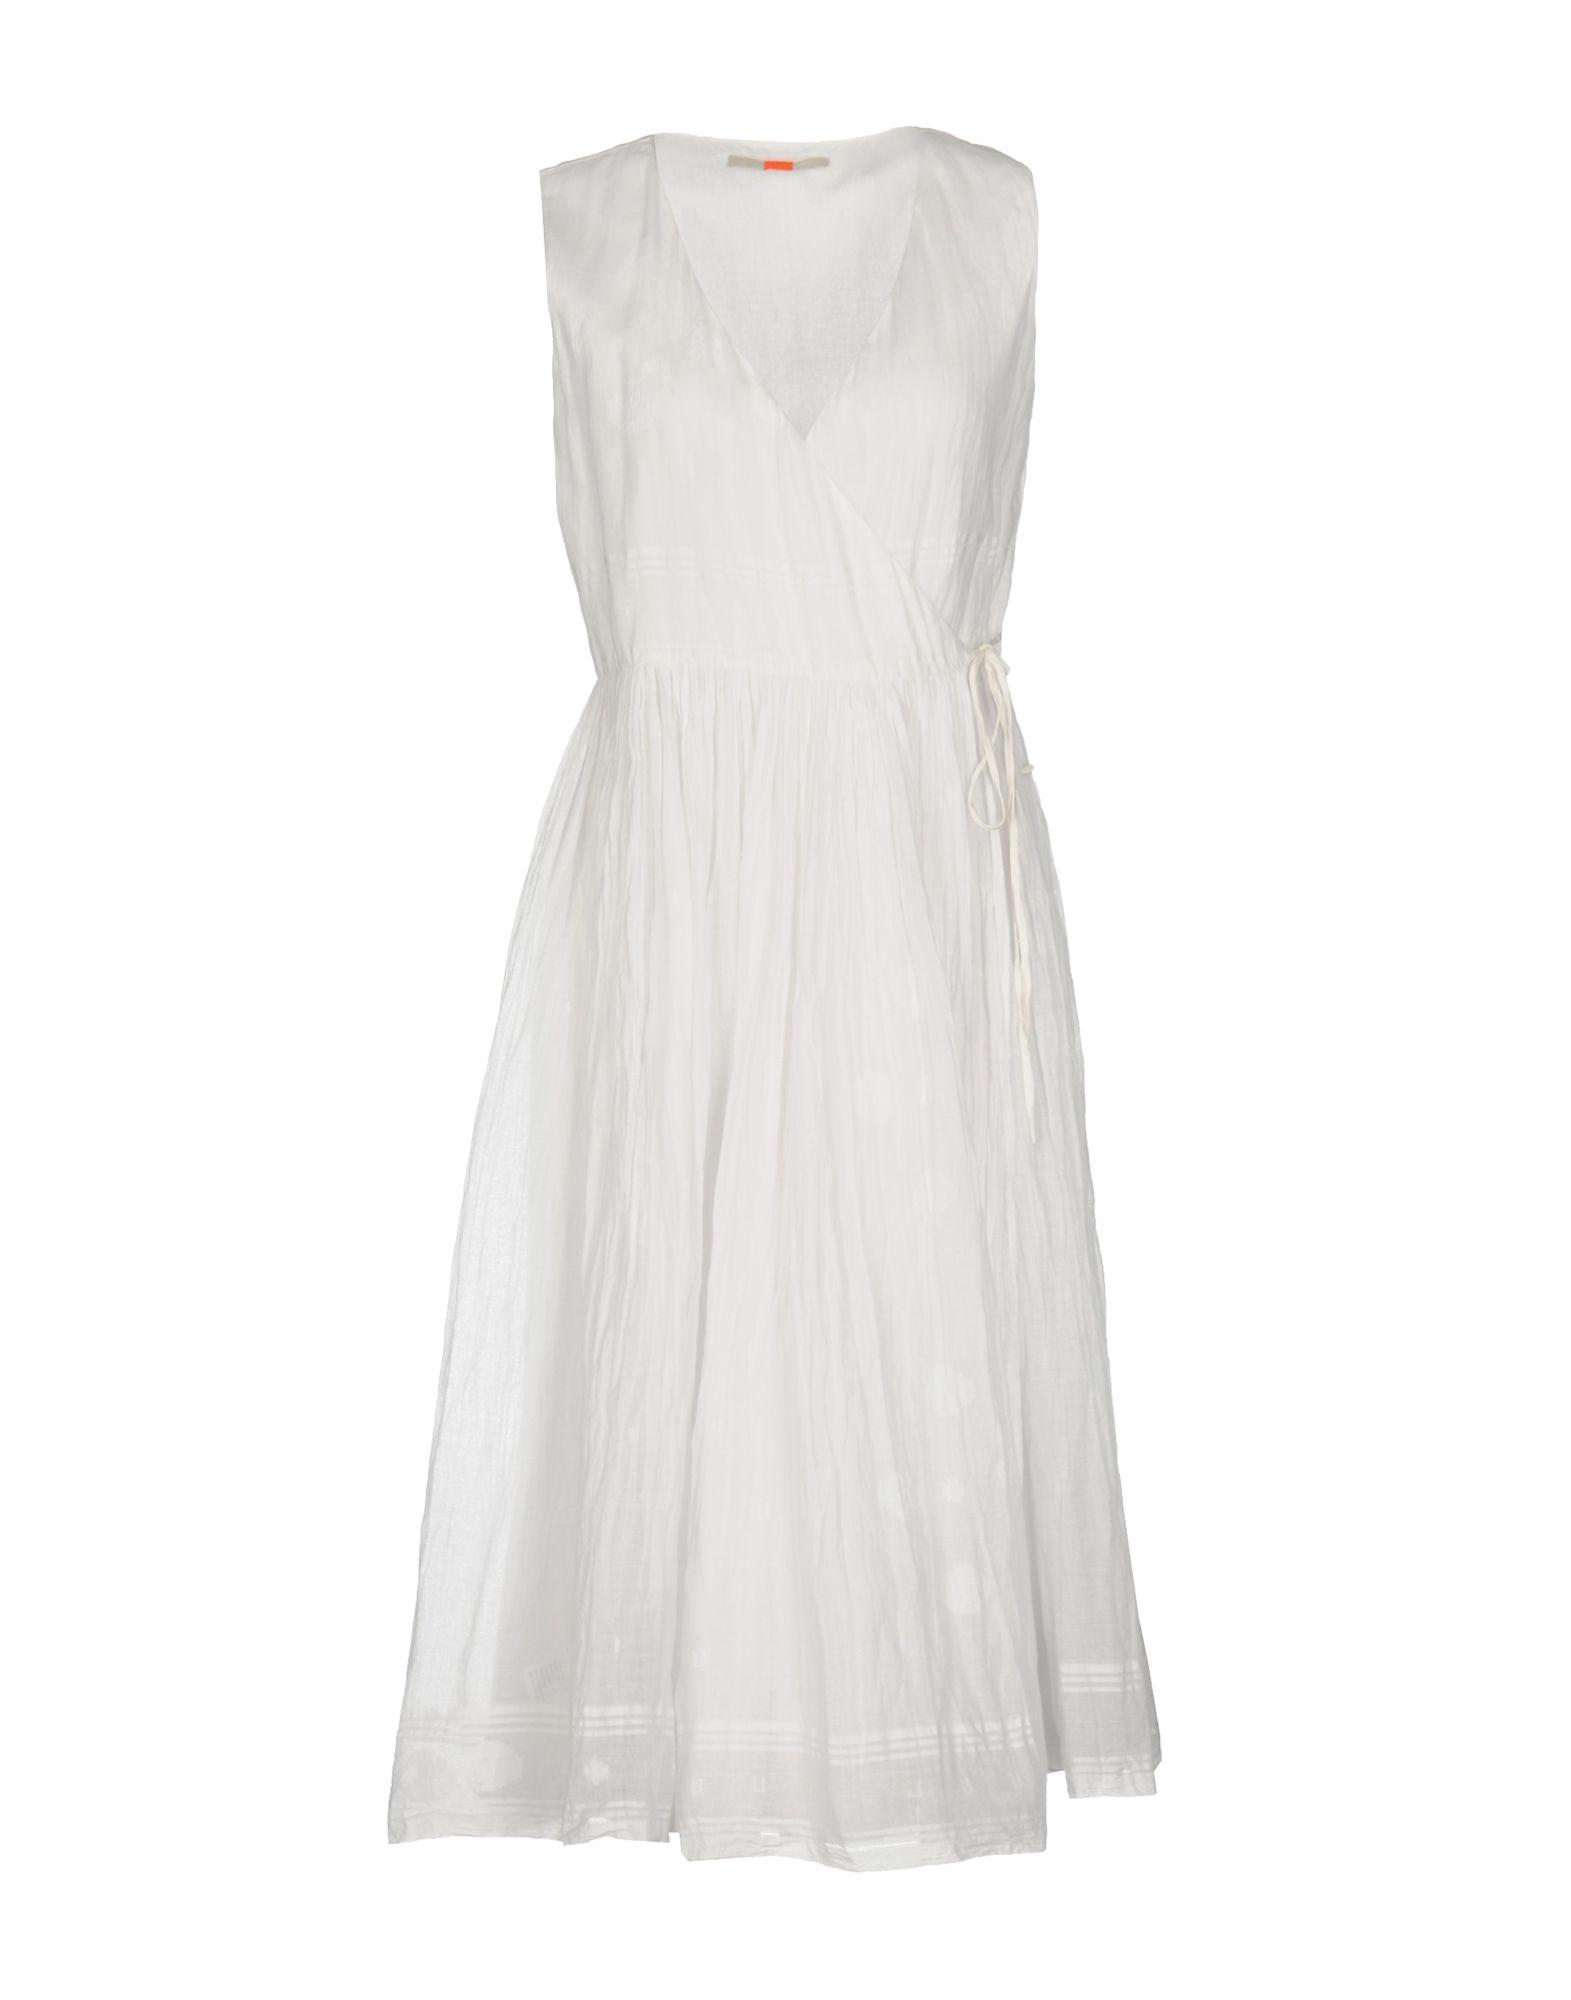 AODRESS Платье длиной 3/4 lisa corti платье длиной 3 4